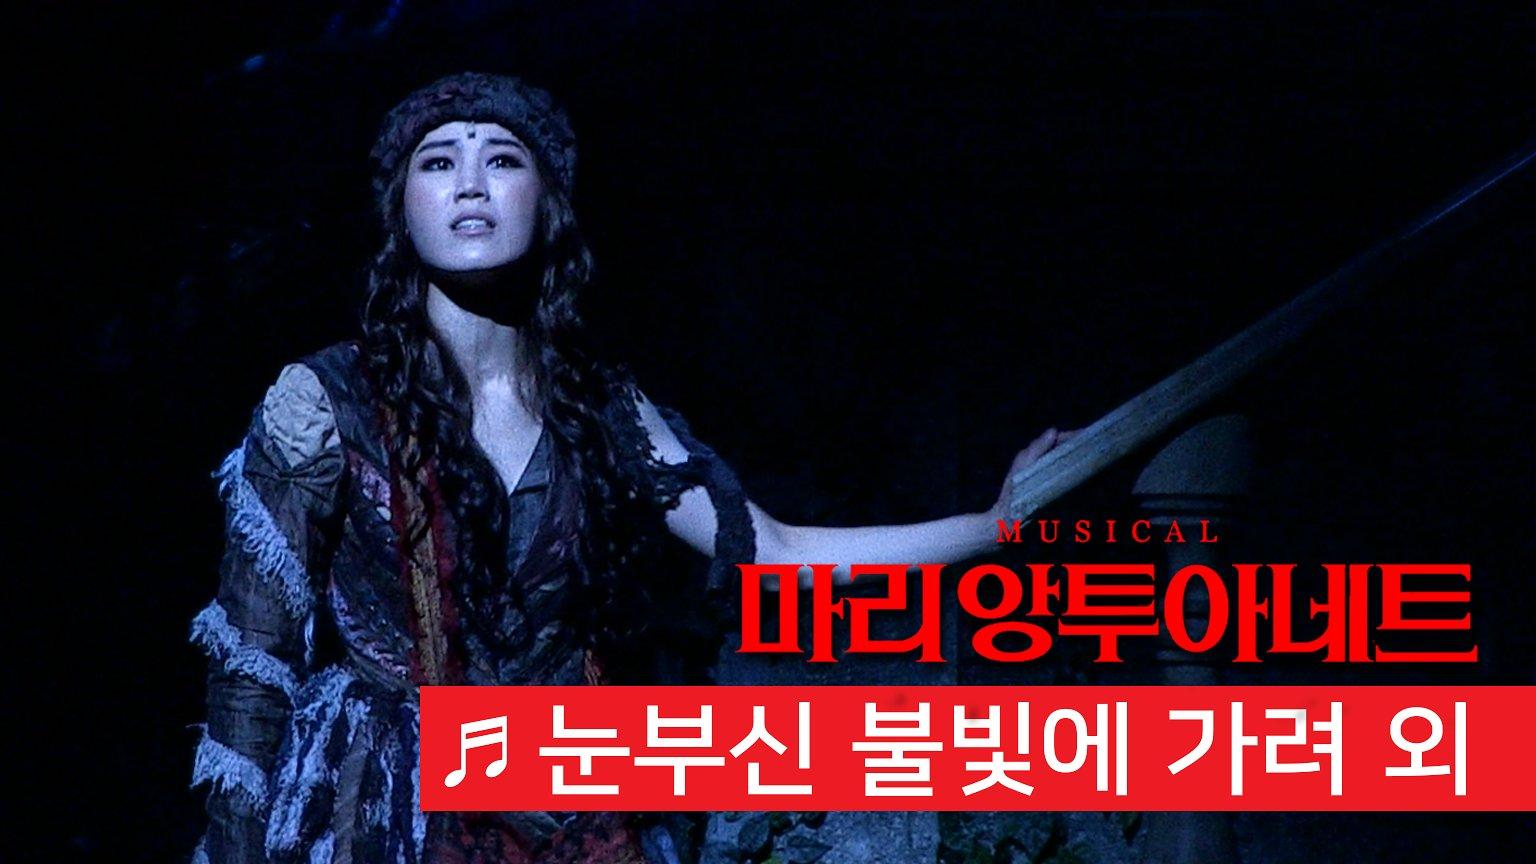 뮤지컬 '마리 앙투아네트' 2019 프레스콜 '눈부신 불빛에 가려' '난 최고니까' 외 - 김연지, 민영기, 김준